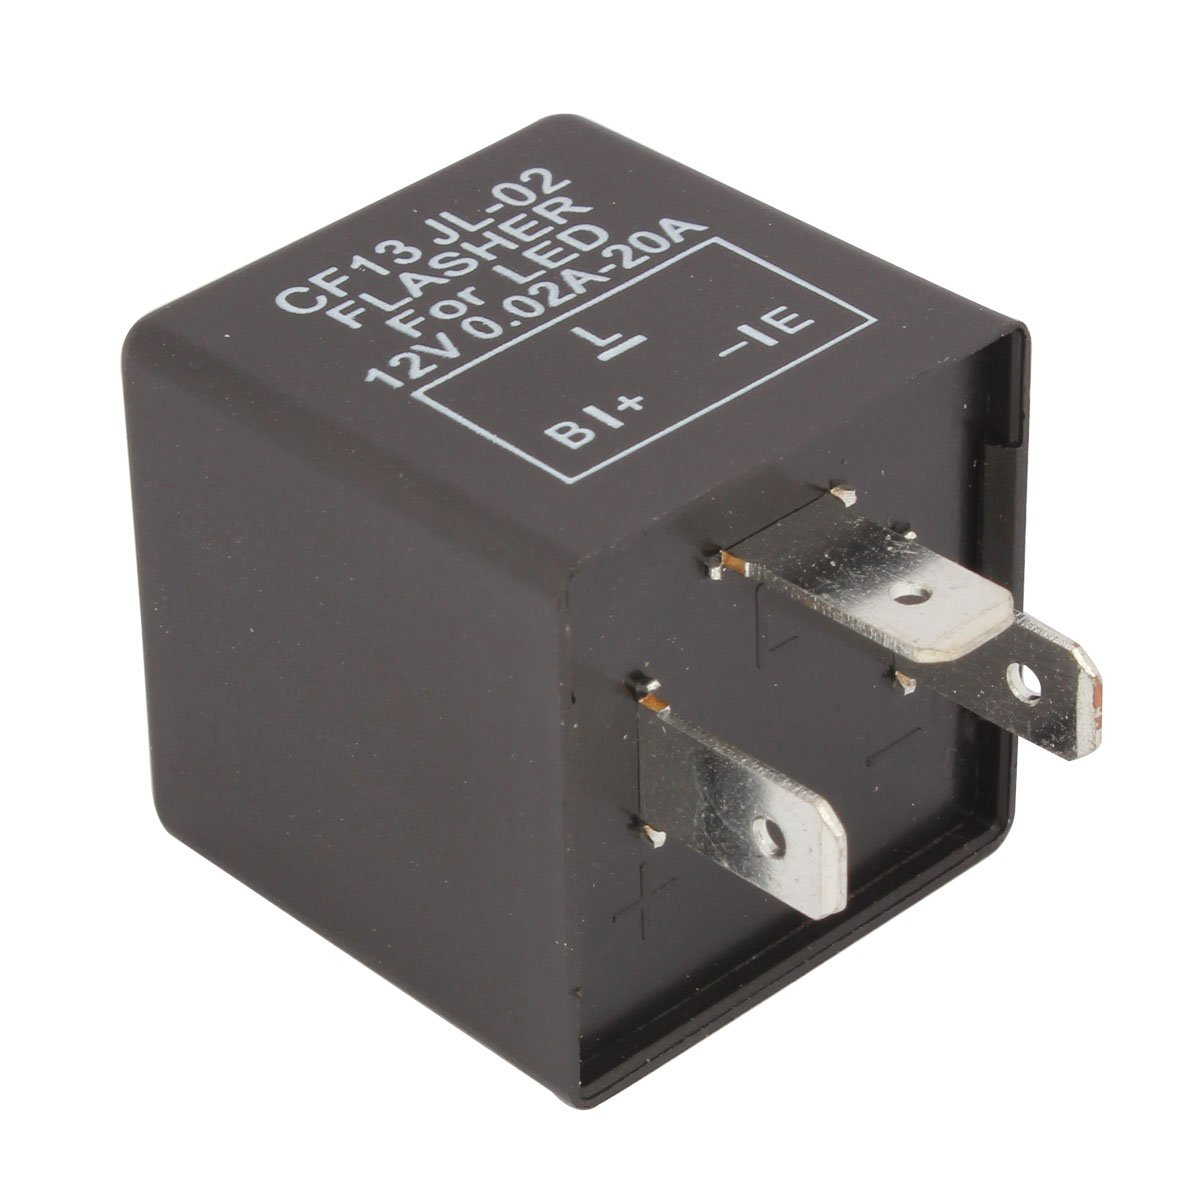 TOMALL 3Pin LED Blinker Elektronische Blinker Blinker Relais CF13 JL-02 EP34 f/ür LED 12V 0.02A-20A